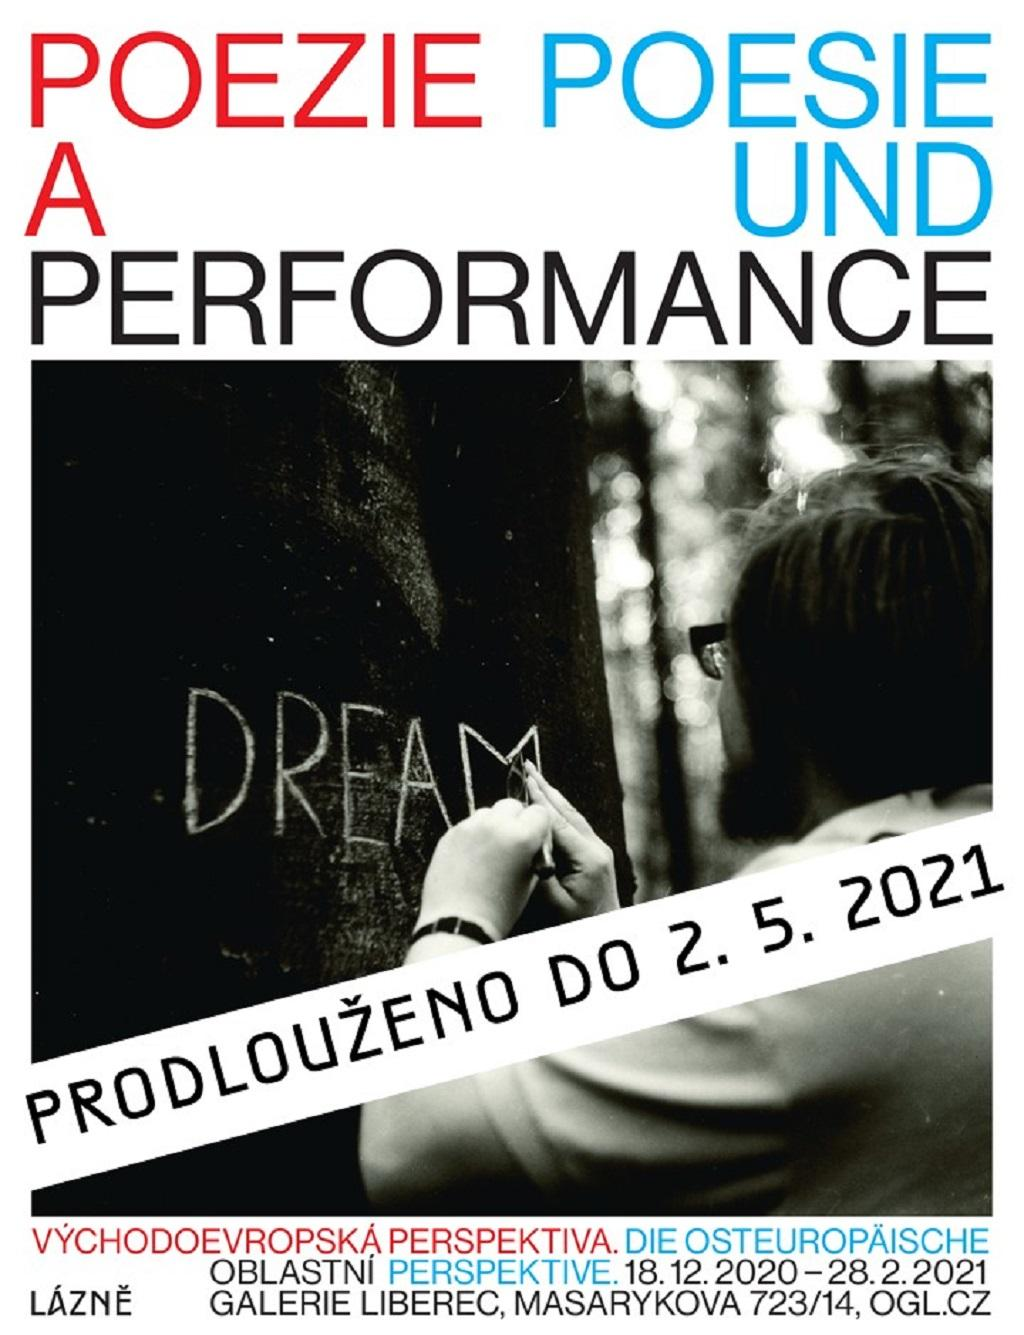 Plakát k výstavě Poezie a performance